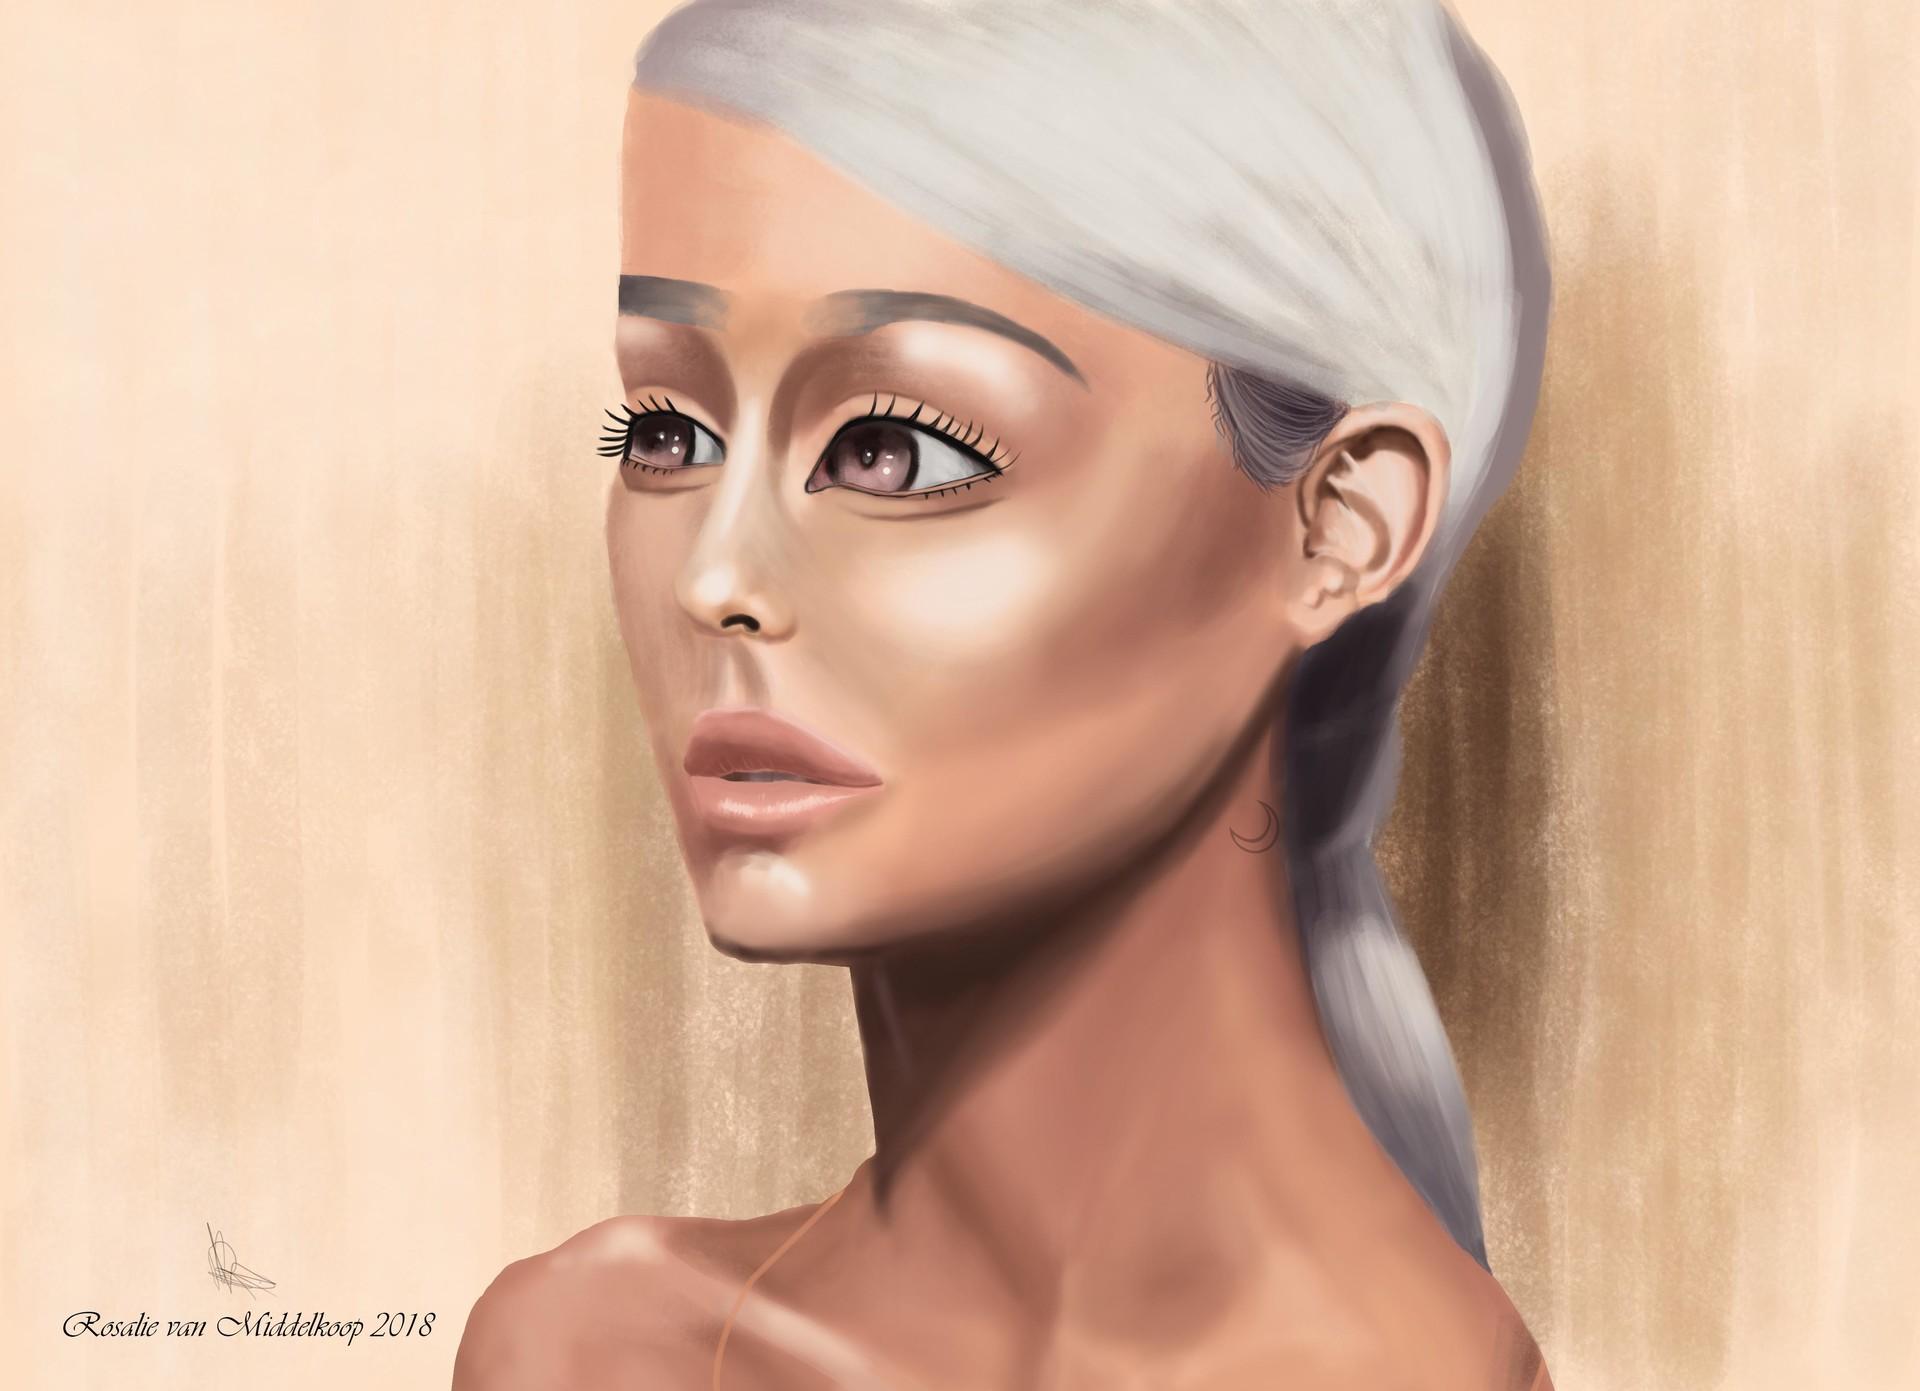 sweetener ariana grande  Rosalie van middelkoop - Ariana Grande Cover - Sweetener